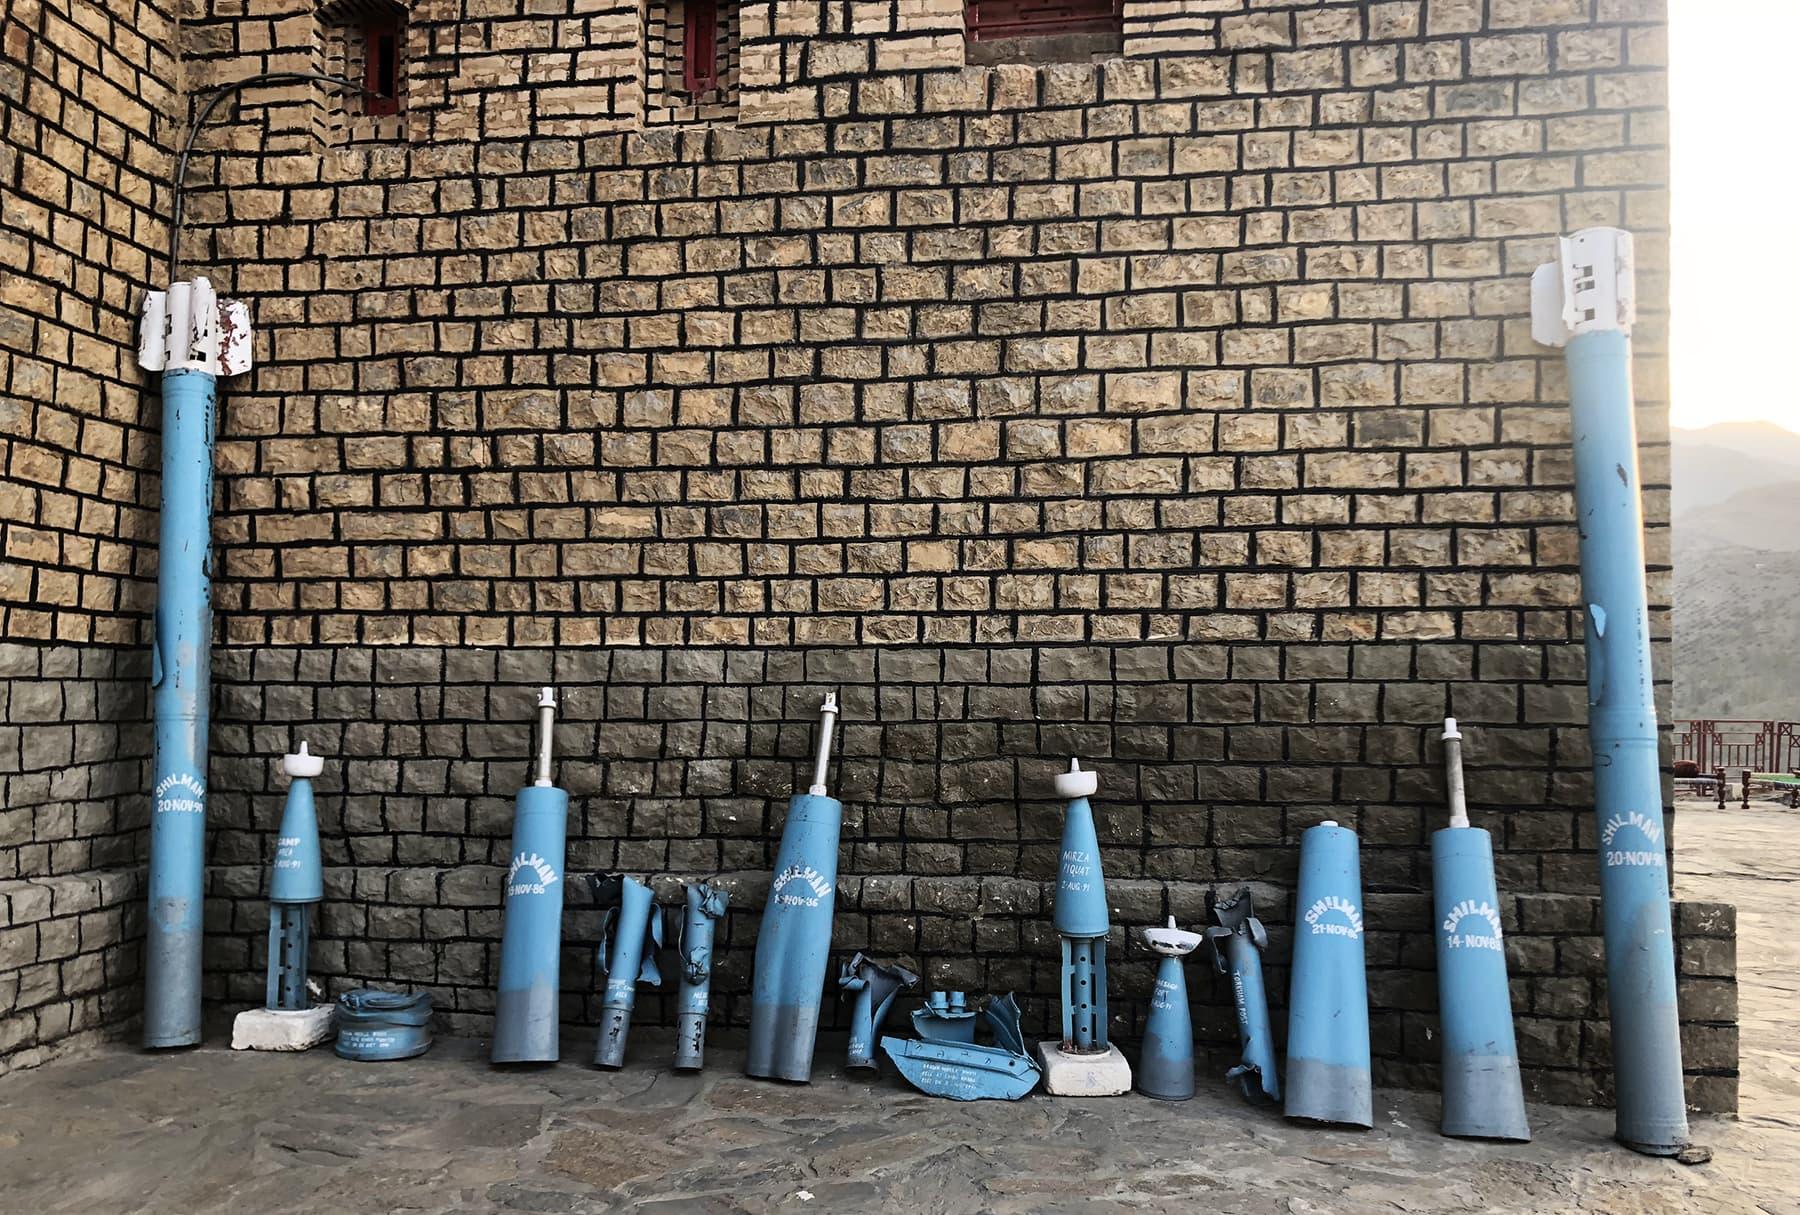 افغانستان کی طرف سے فائرکردہ روسی ساختہ میزائل —فوٹو: عظمت اکبر